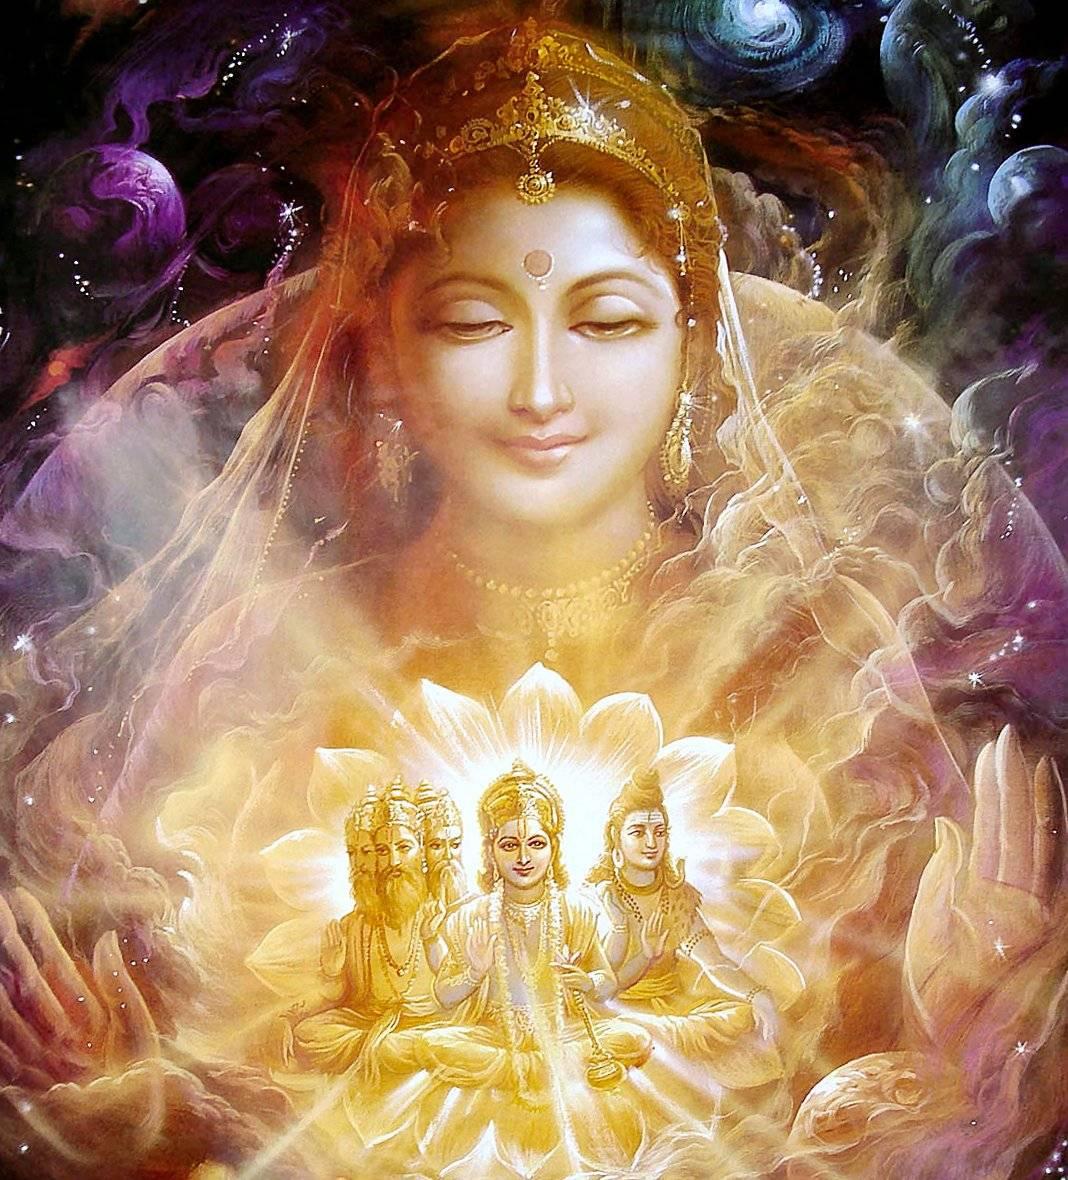 Мантра интуиции для развития сверхспособностей и мудрости